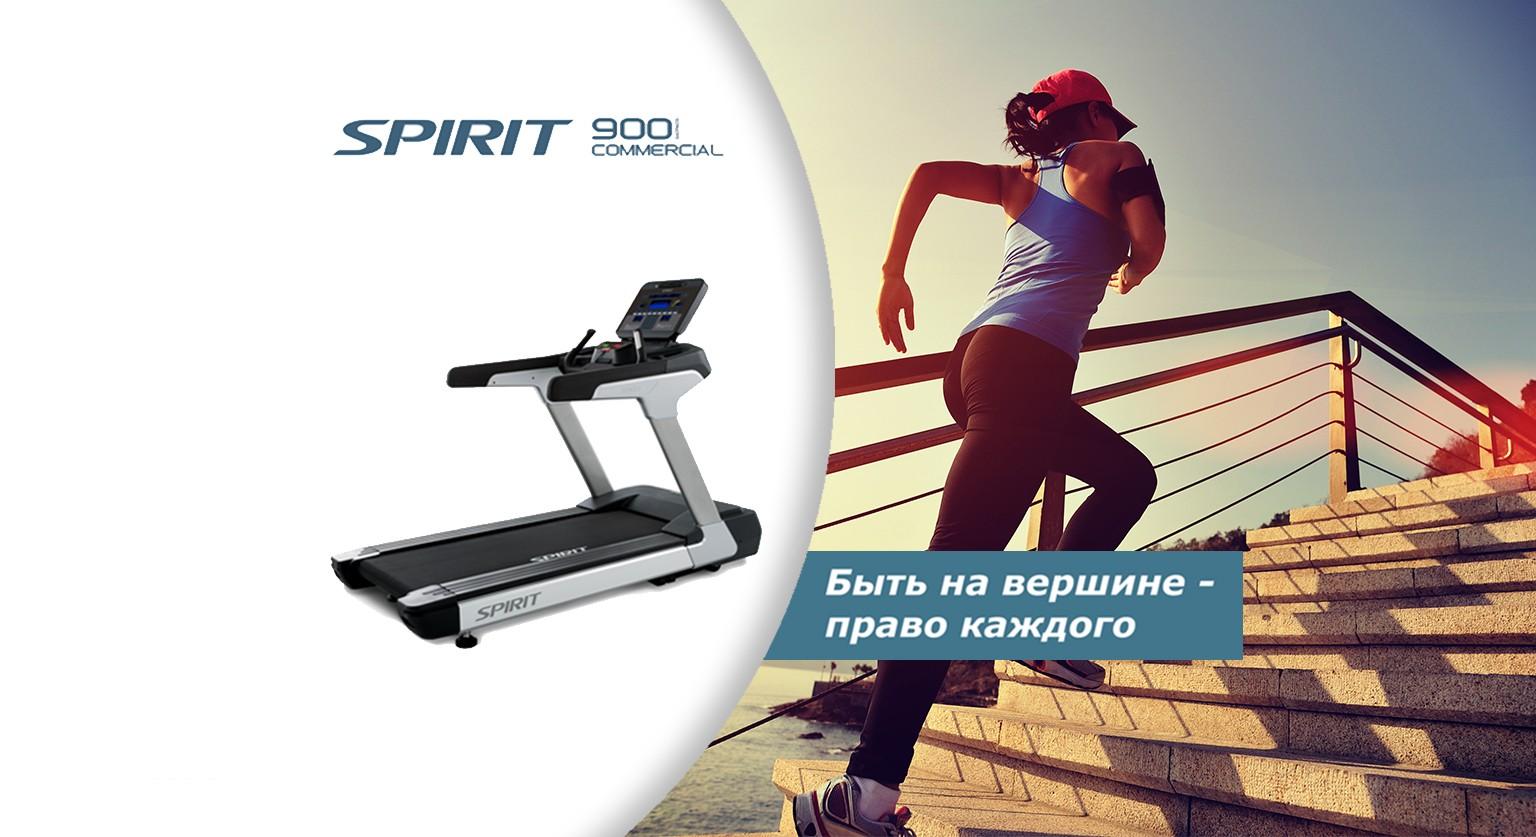 Реклама CT900